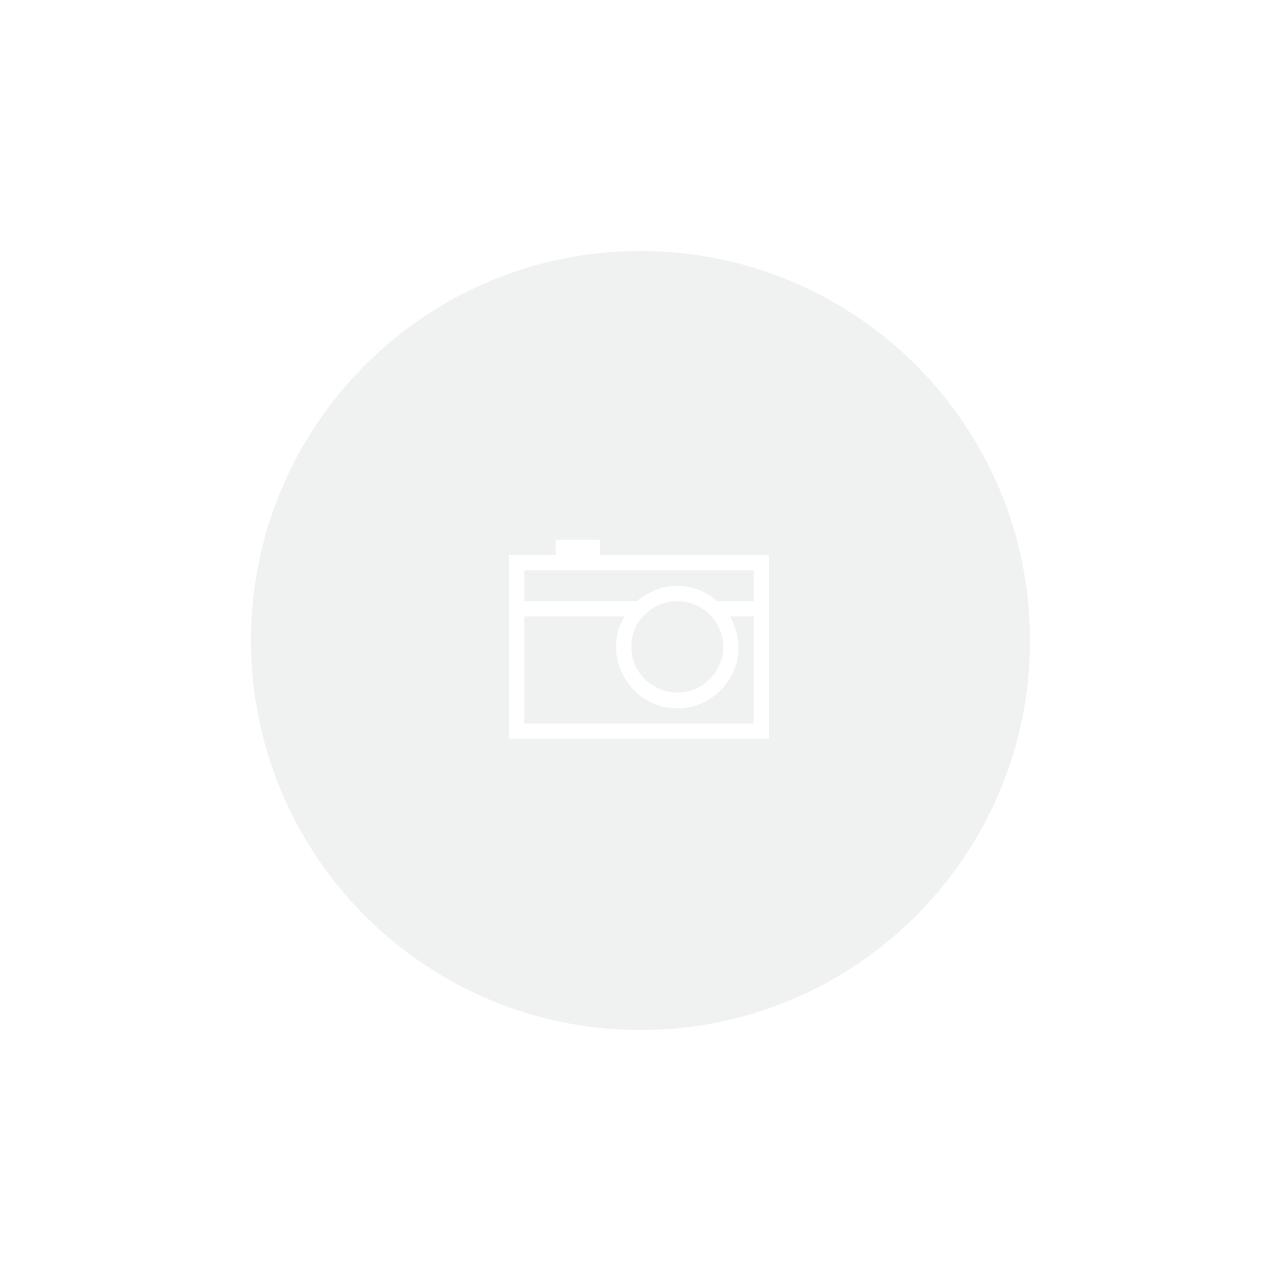 Chinelo Couro Masculino Beeton Slide M 01